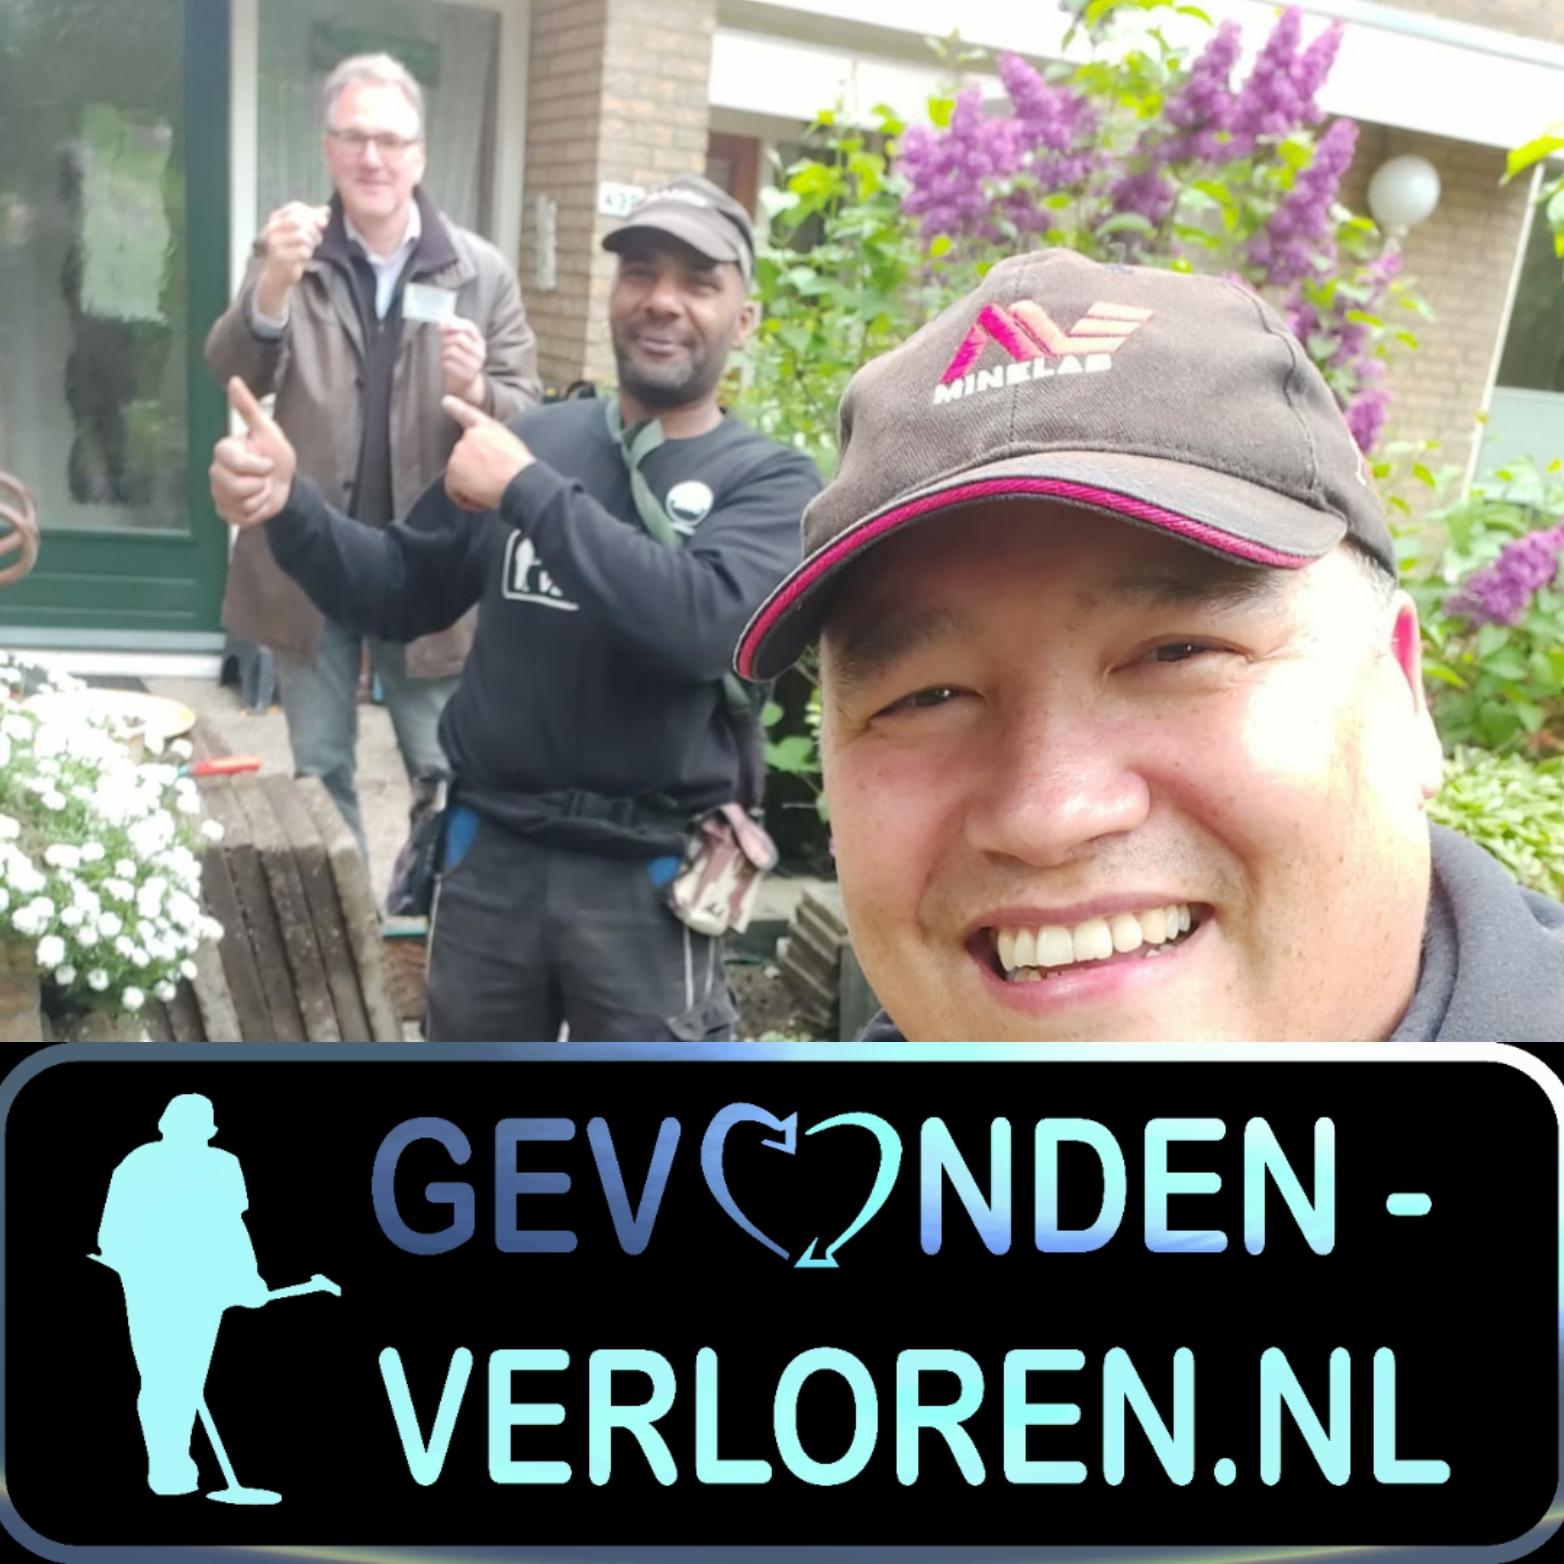 Trouwring verloren? Gevonden verloren.nl biedt hulp